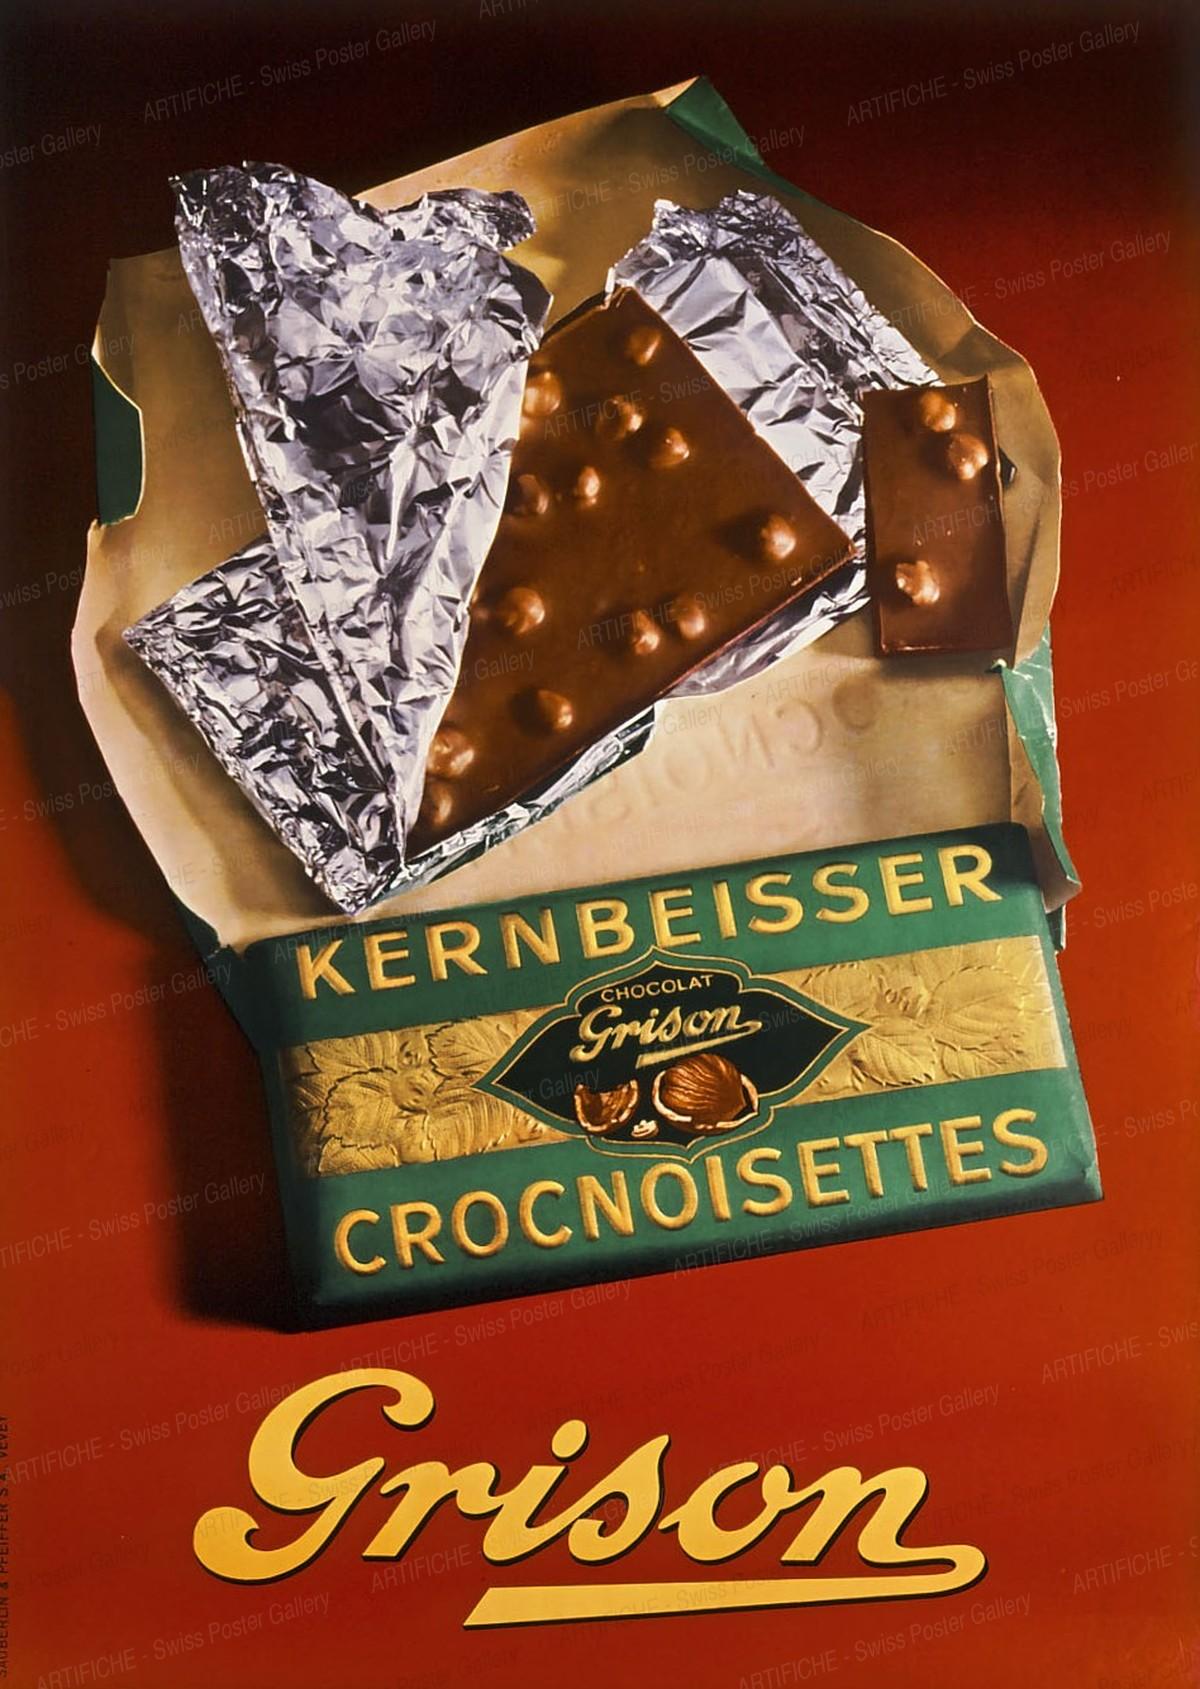 Grison Kernbeisser Crocnoisettes Chocolate, Artist unknown